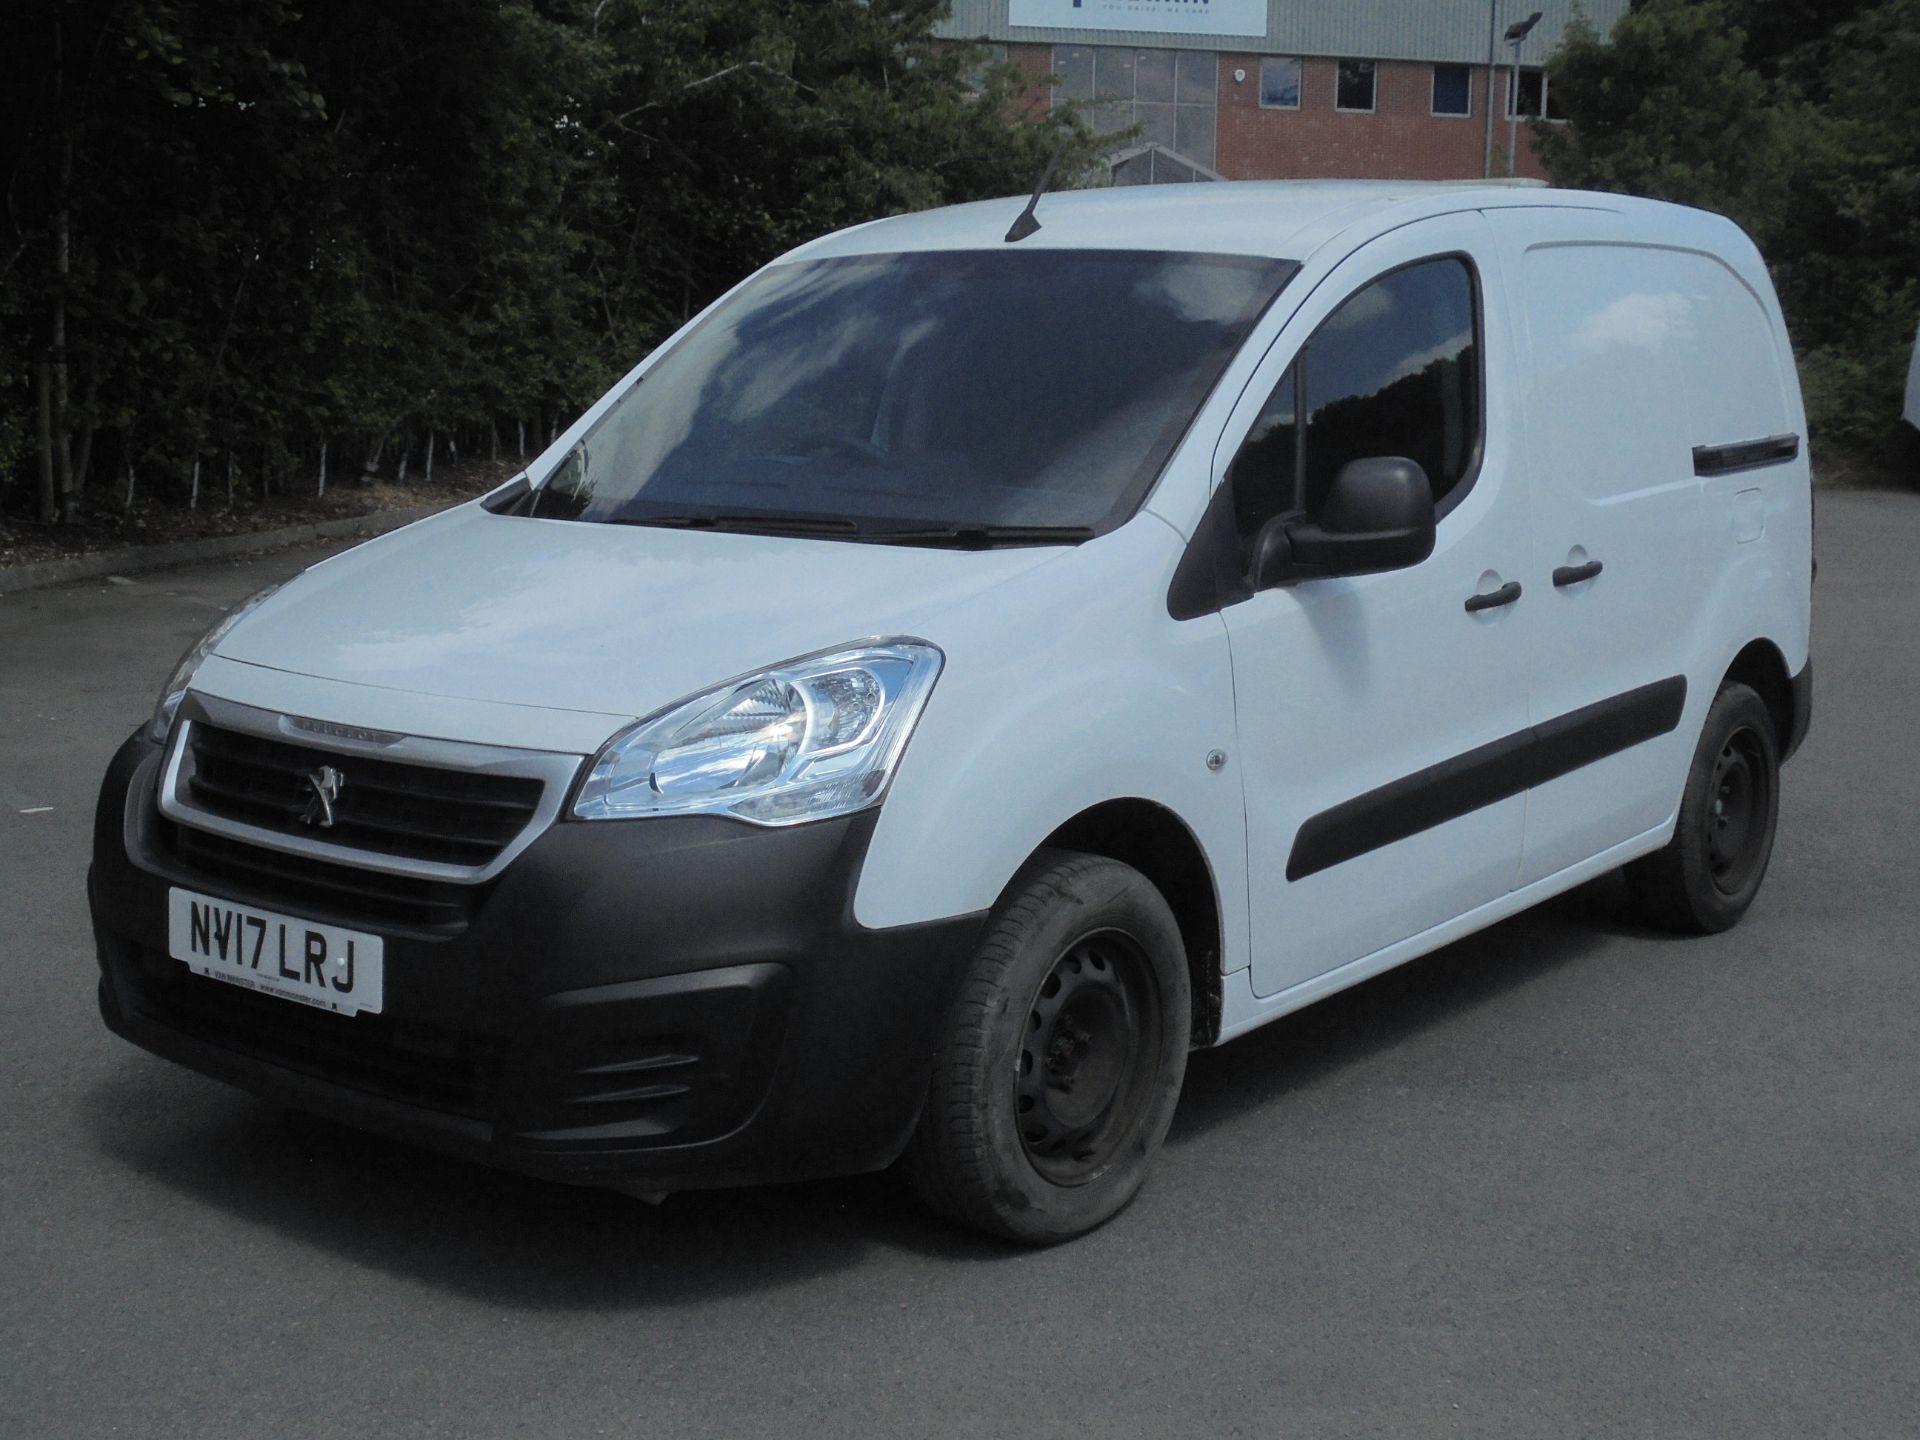 2017 Peugeot Partner 850 1.6 Bluehdi 100 Professional Van [Non Ss] (NV17LRJ) Image 3